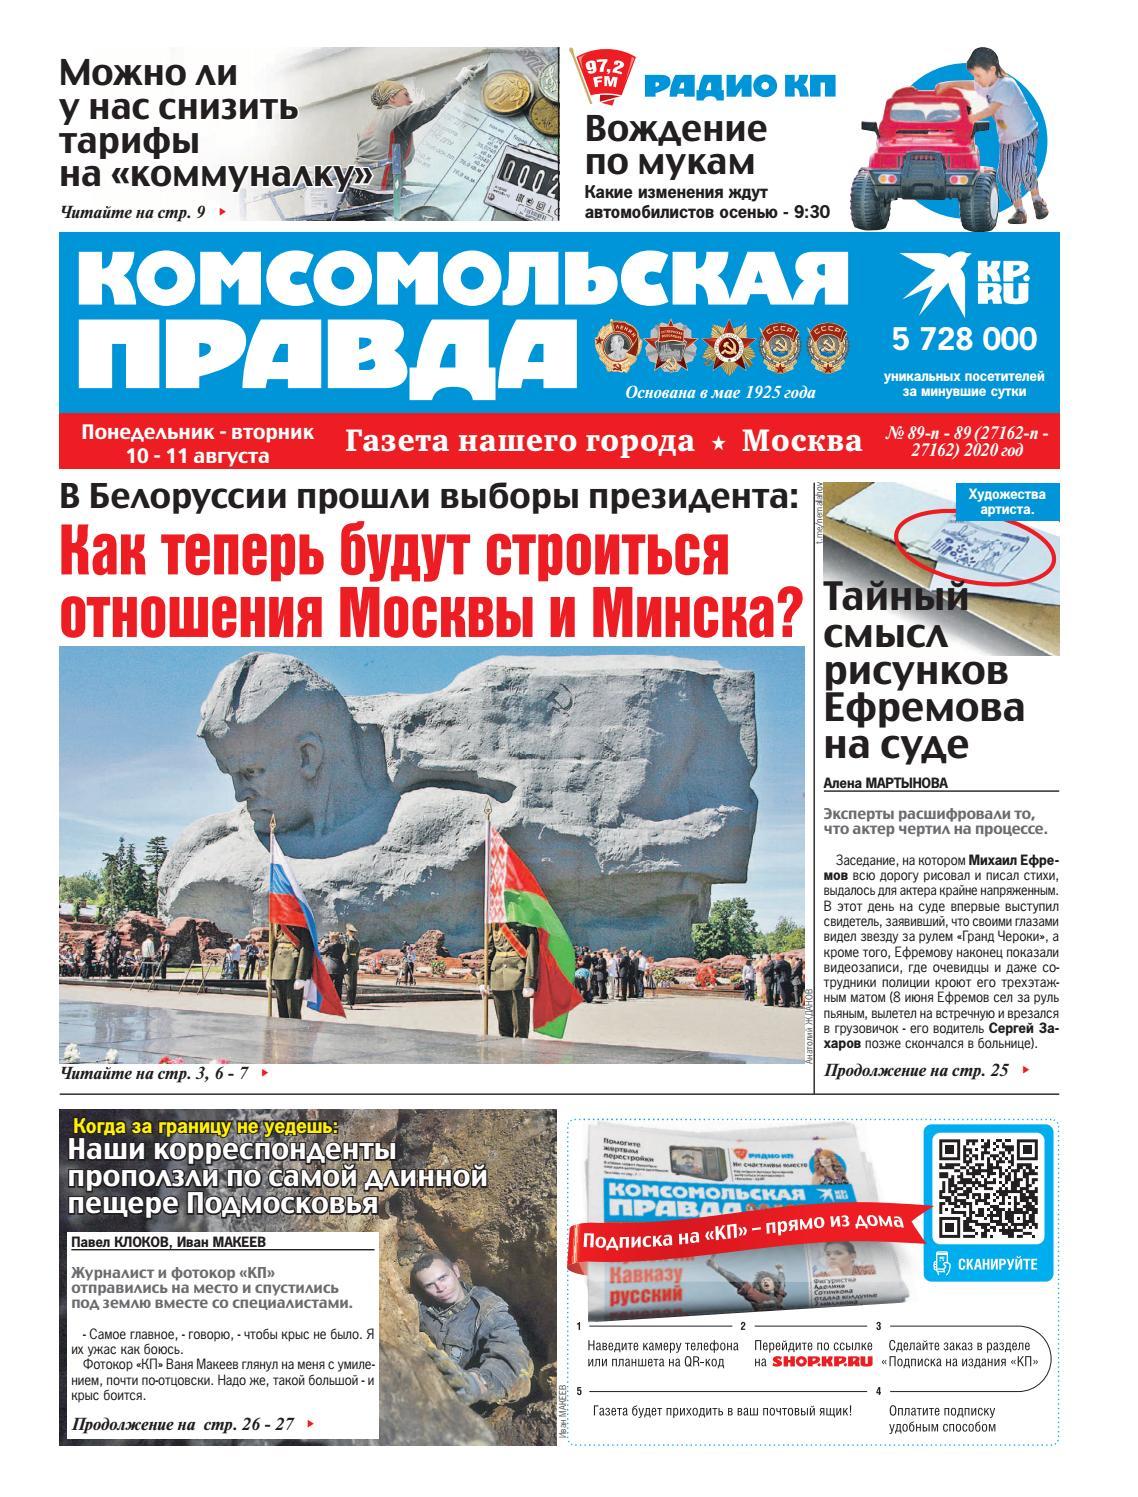 Комсомольская правда №89, август 2020